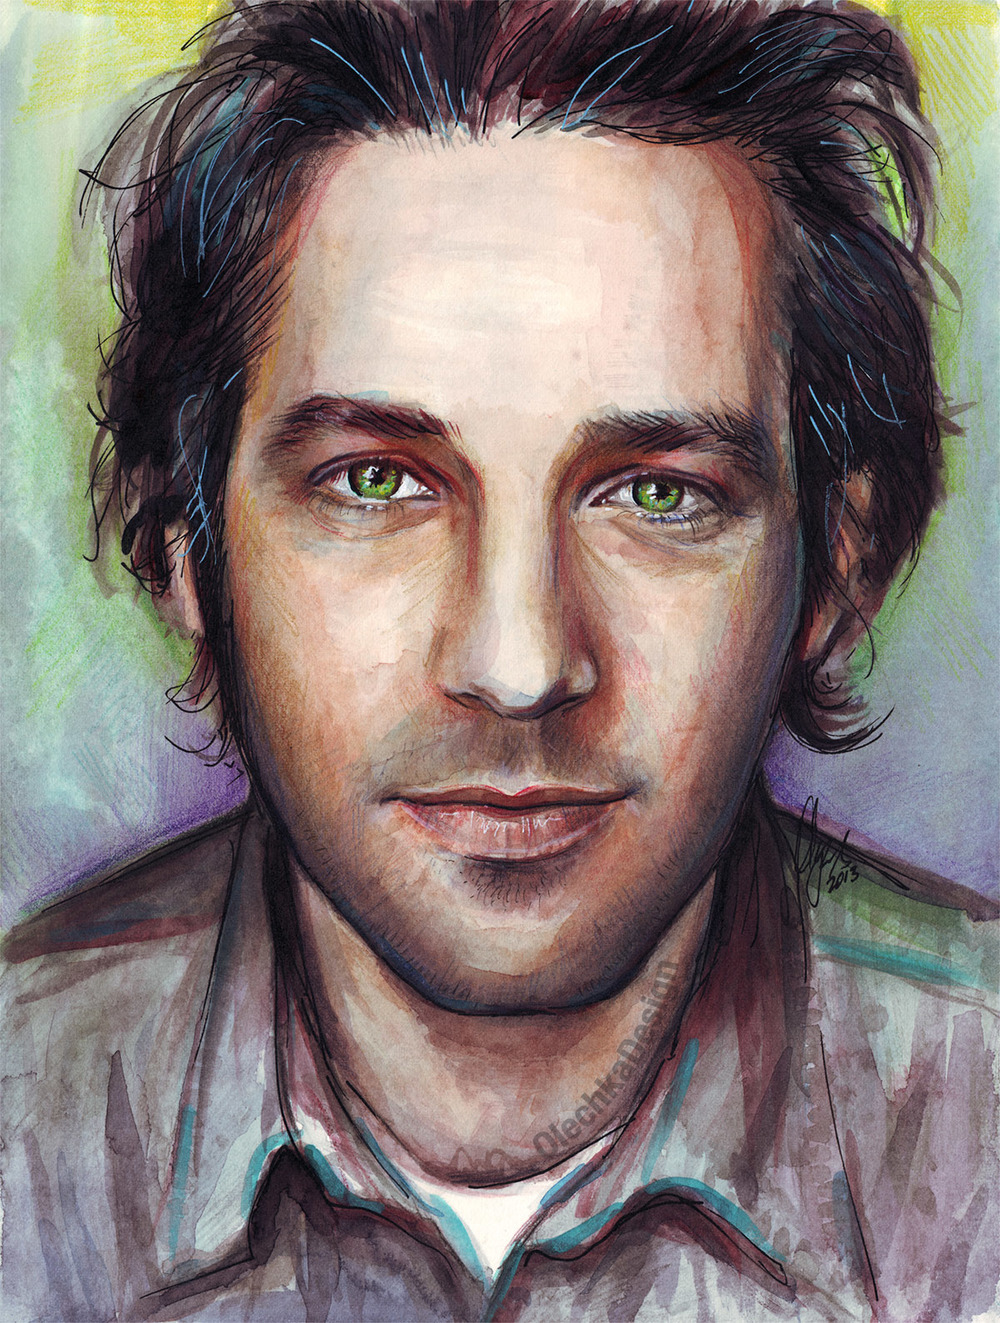 Paul_Rudd_portrait.jpg